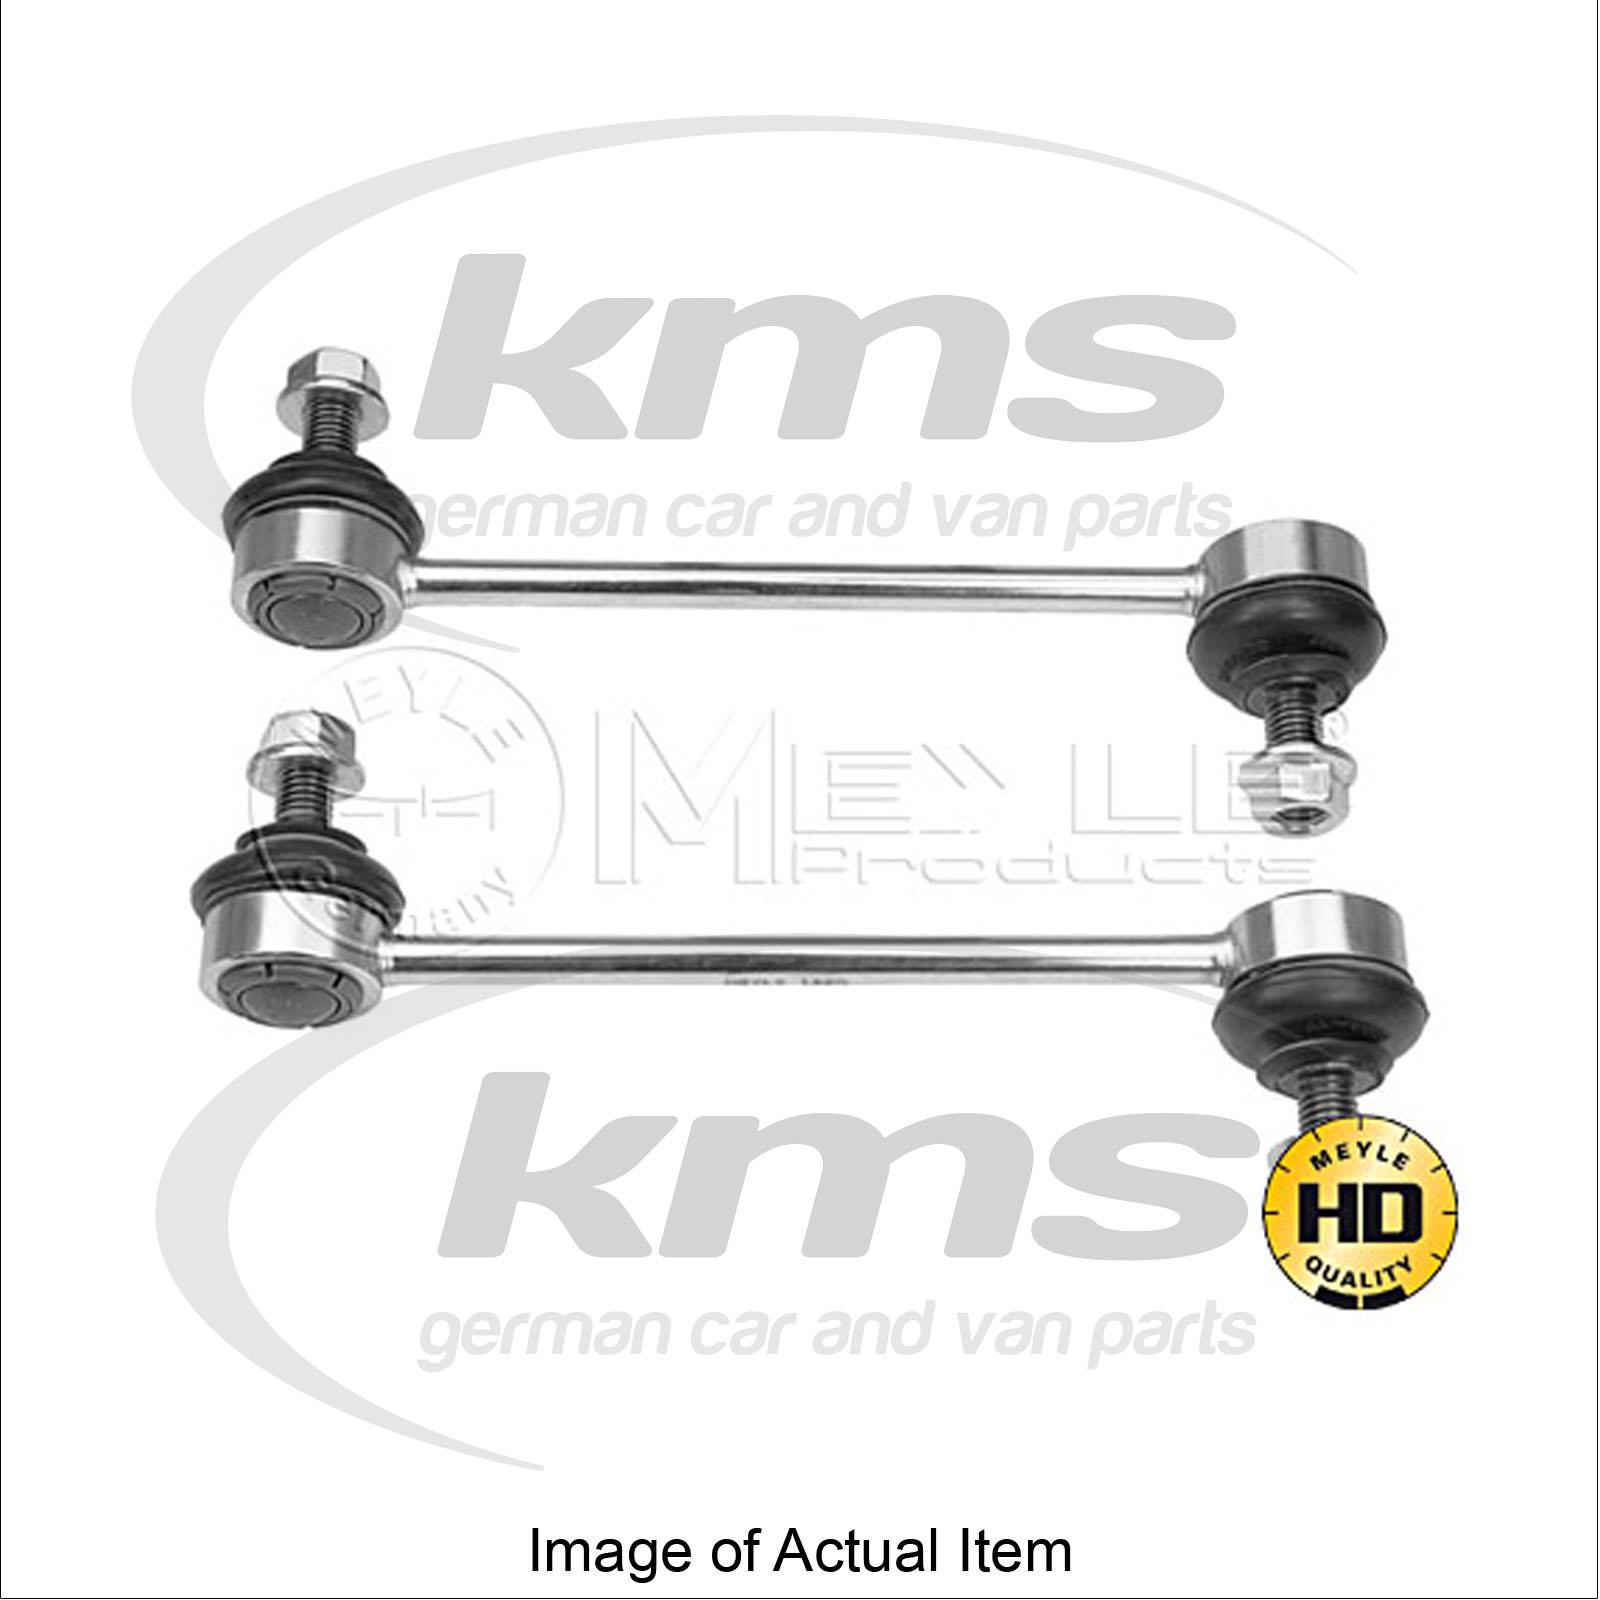 Rod Strut For Stabiliser Vw Sharan 7m8 7m9 7m6 2 8 V6 24v 204bhp Top Germa